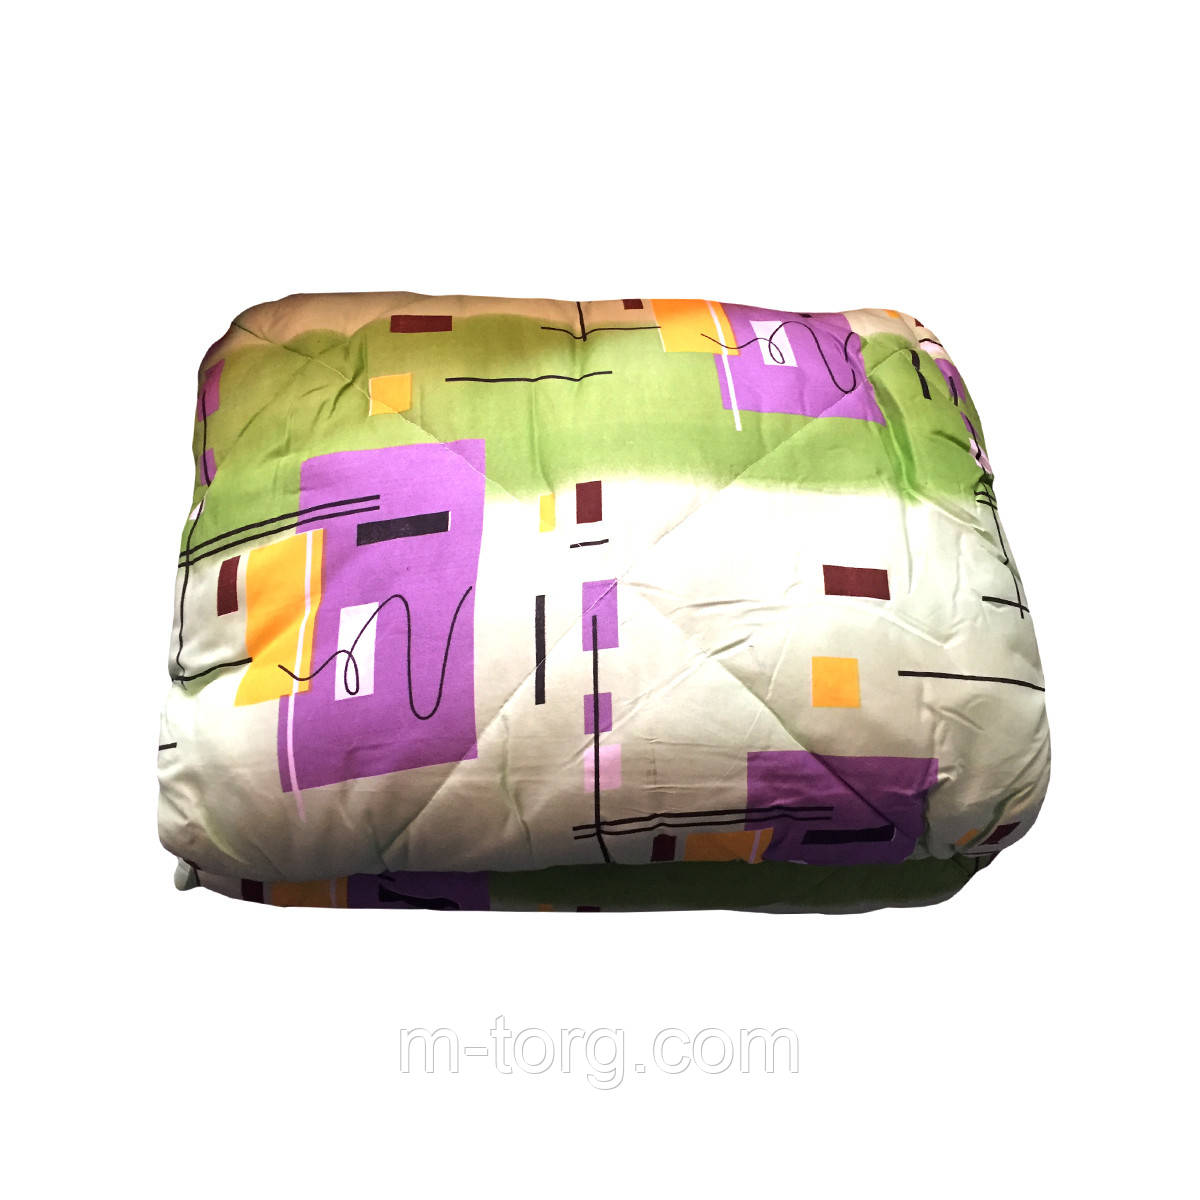 Одеяло шерстяное двуспальное 175/215, ткань поликоттон